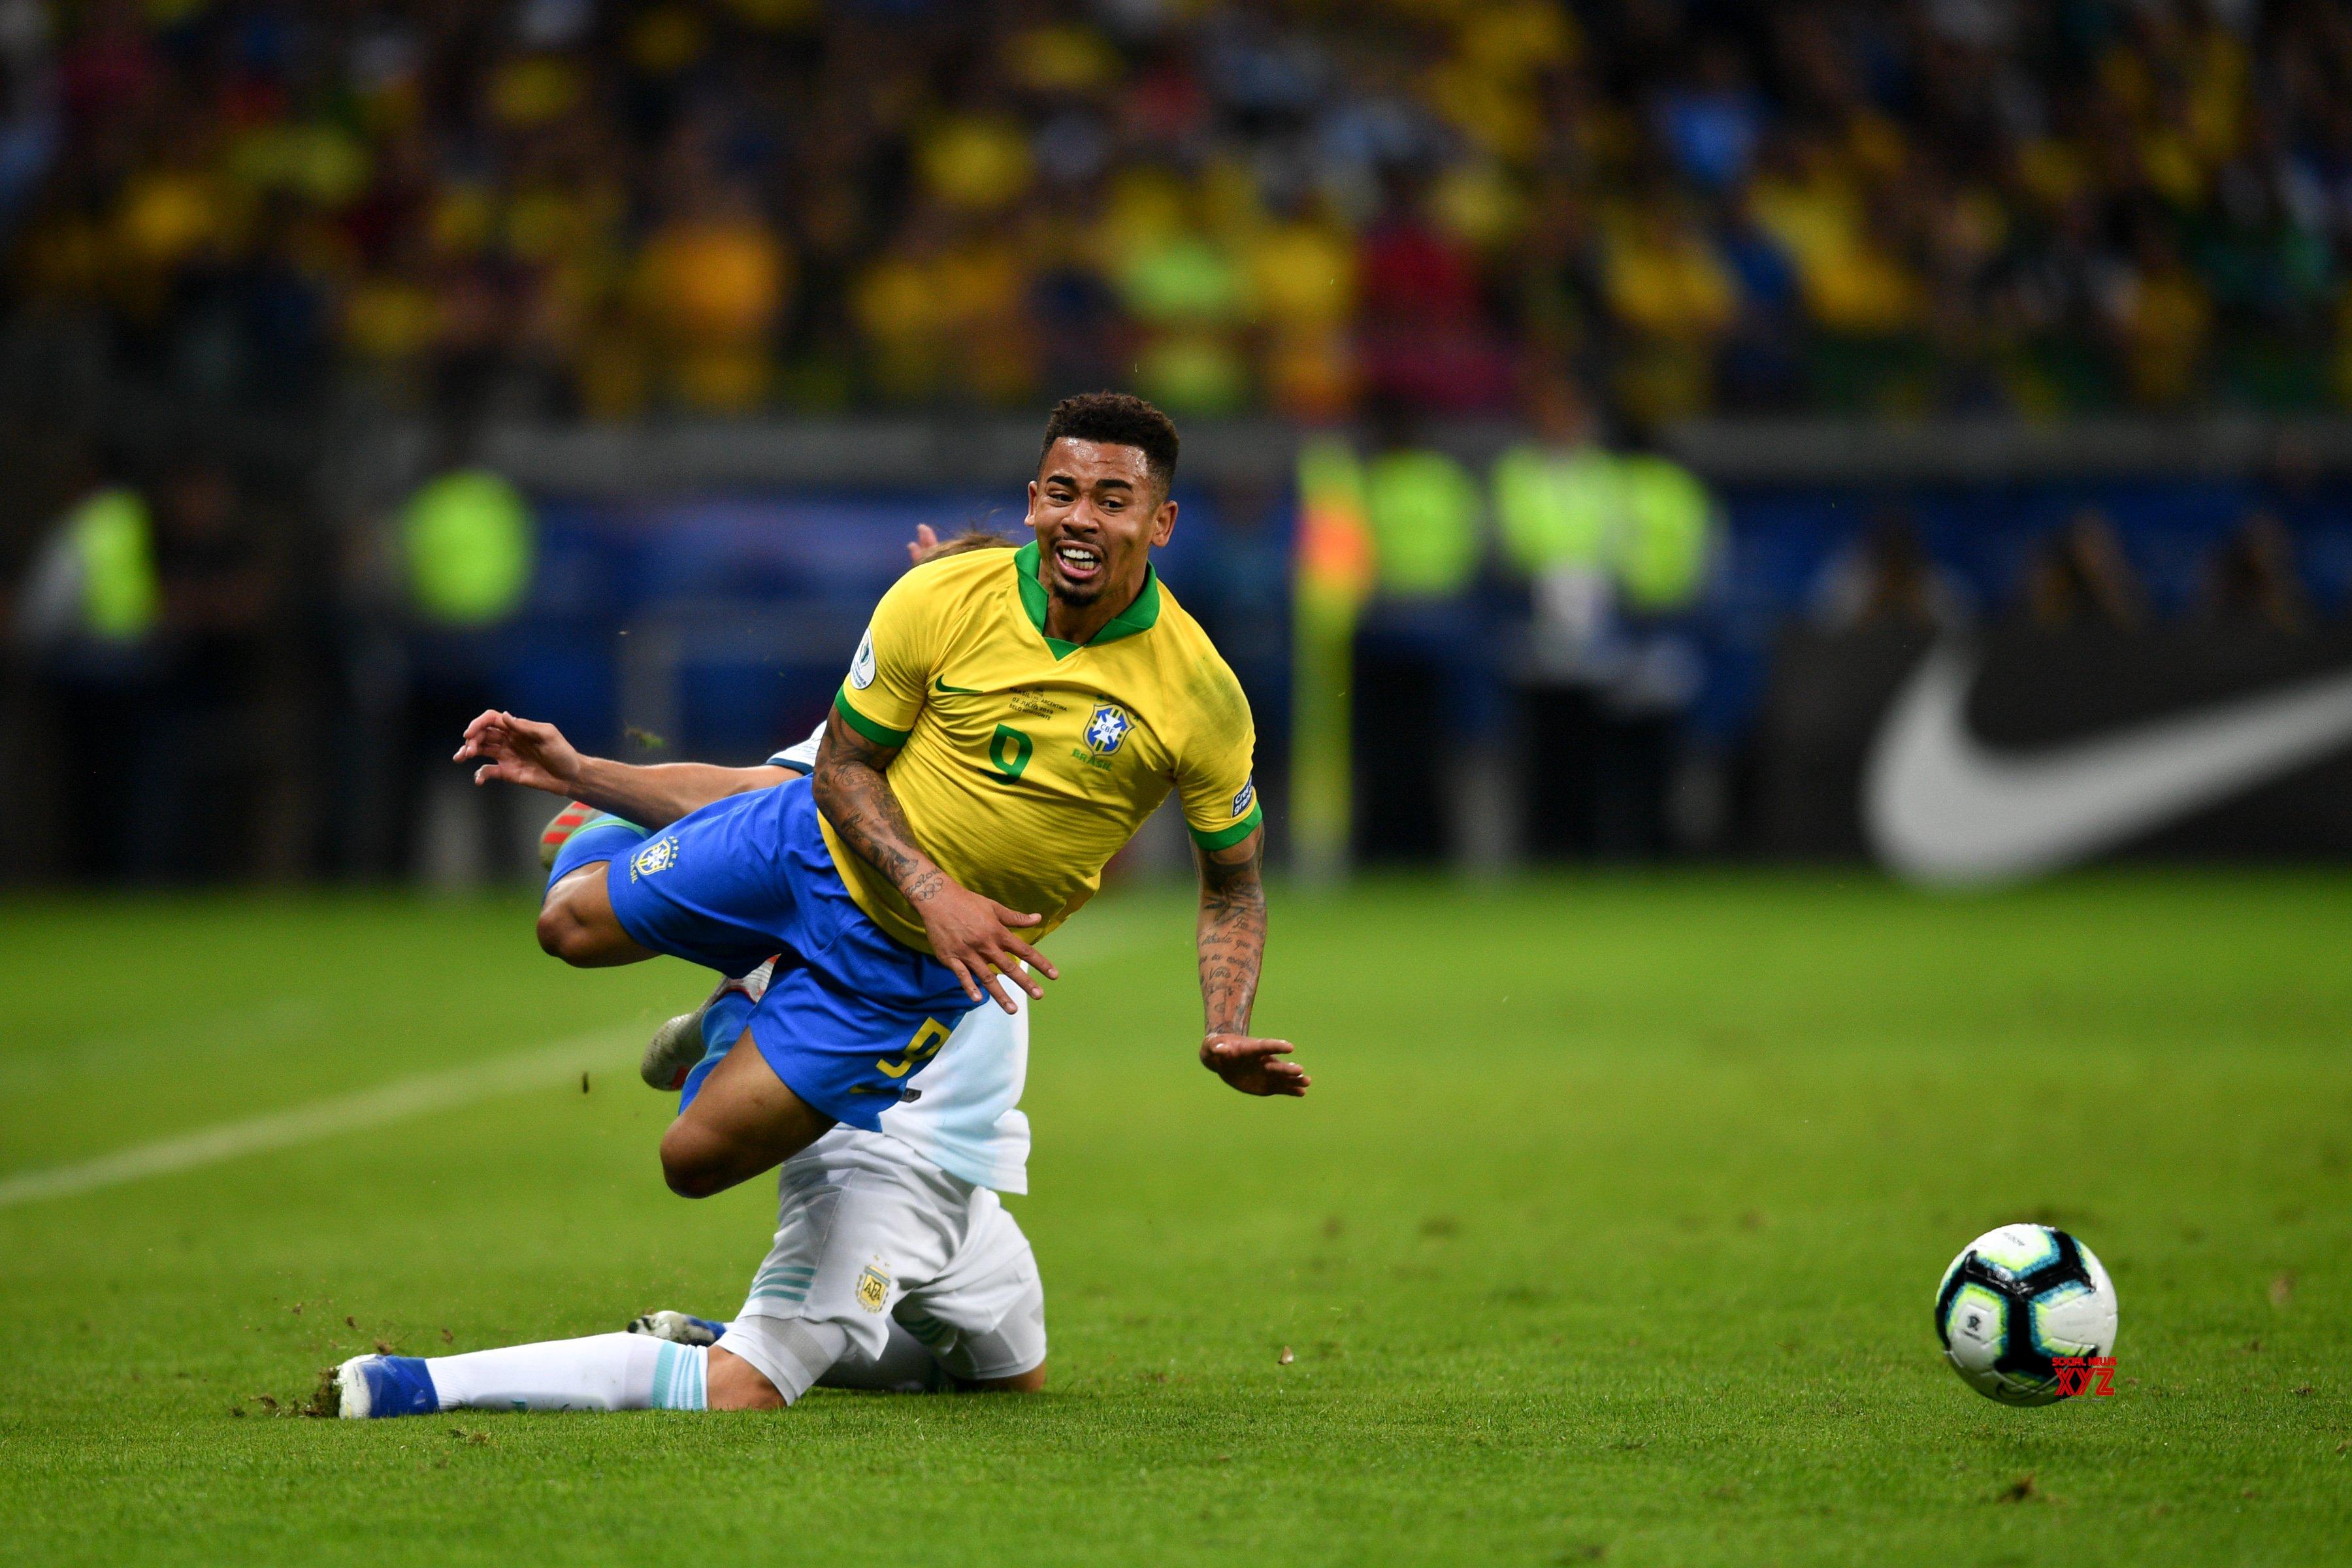 Brazil beat Peru 3-1 to win 9th Copa America title